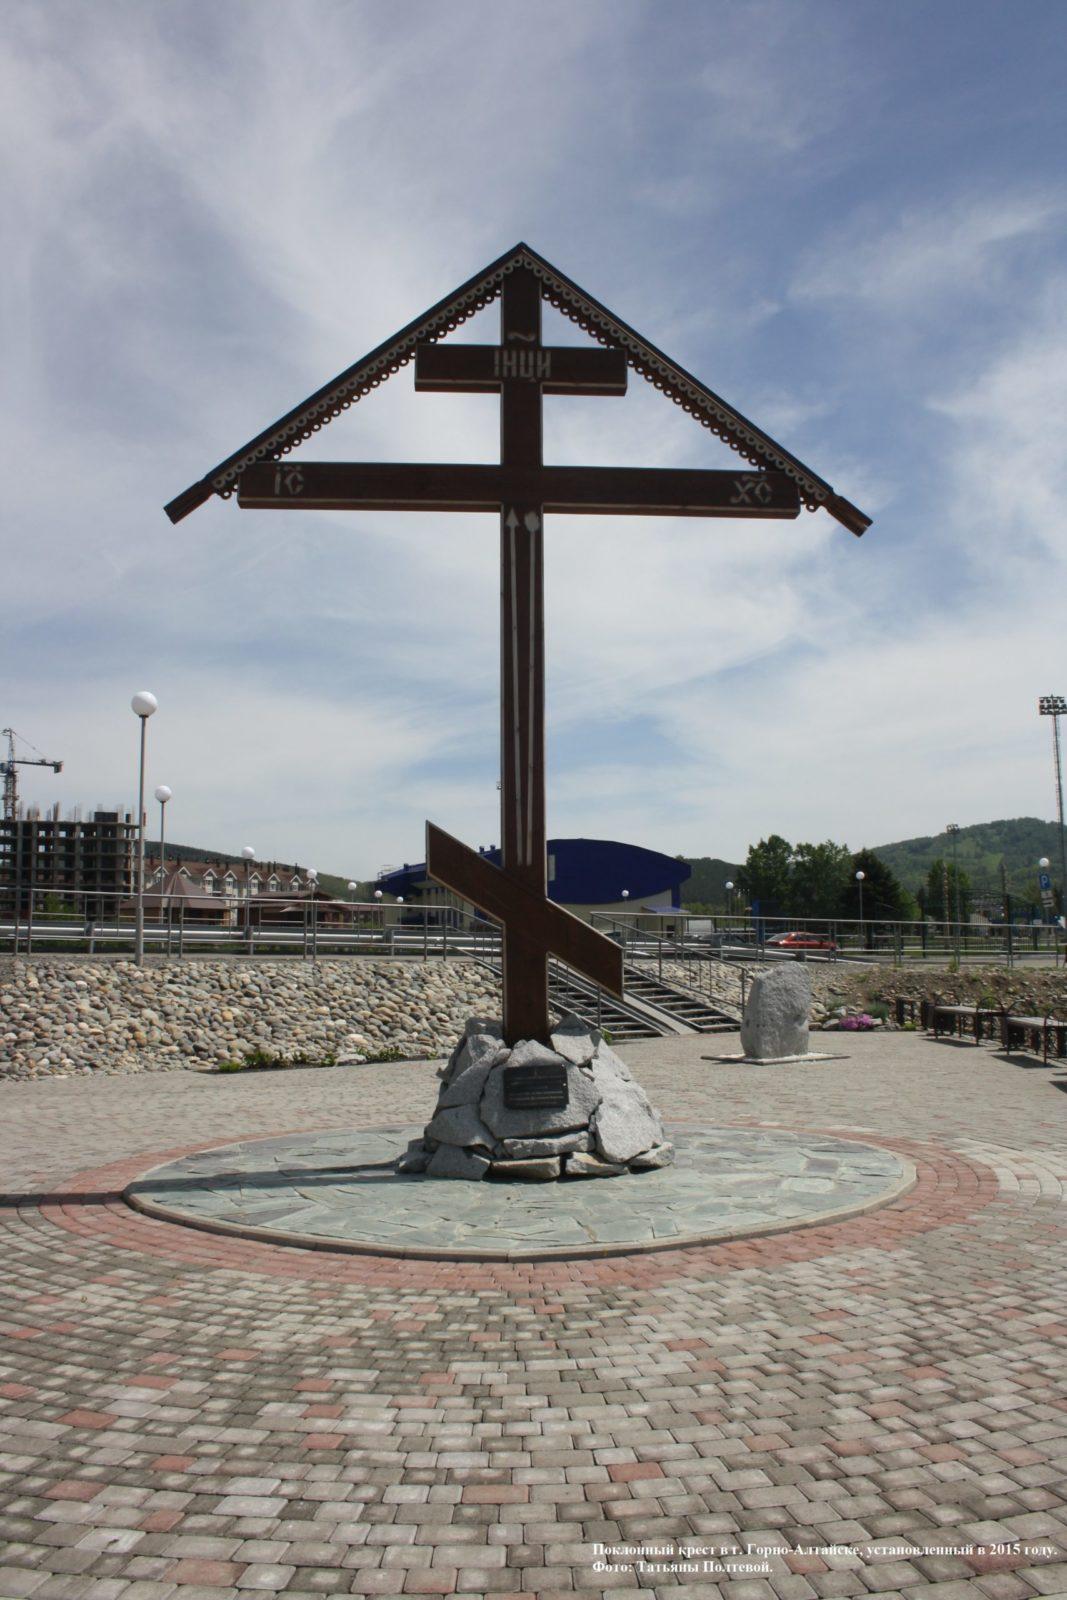 Поклонный крест в г. Горно-Алтайске, установленный в 2015 году.